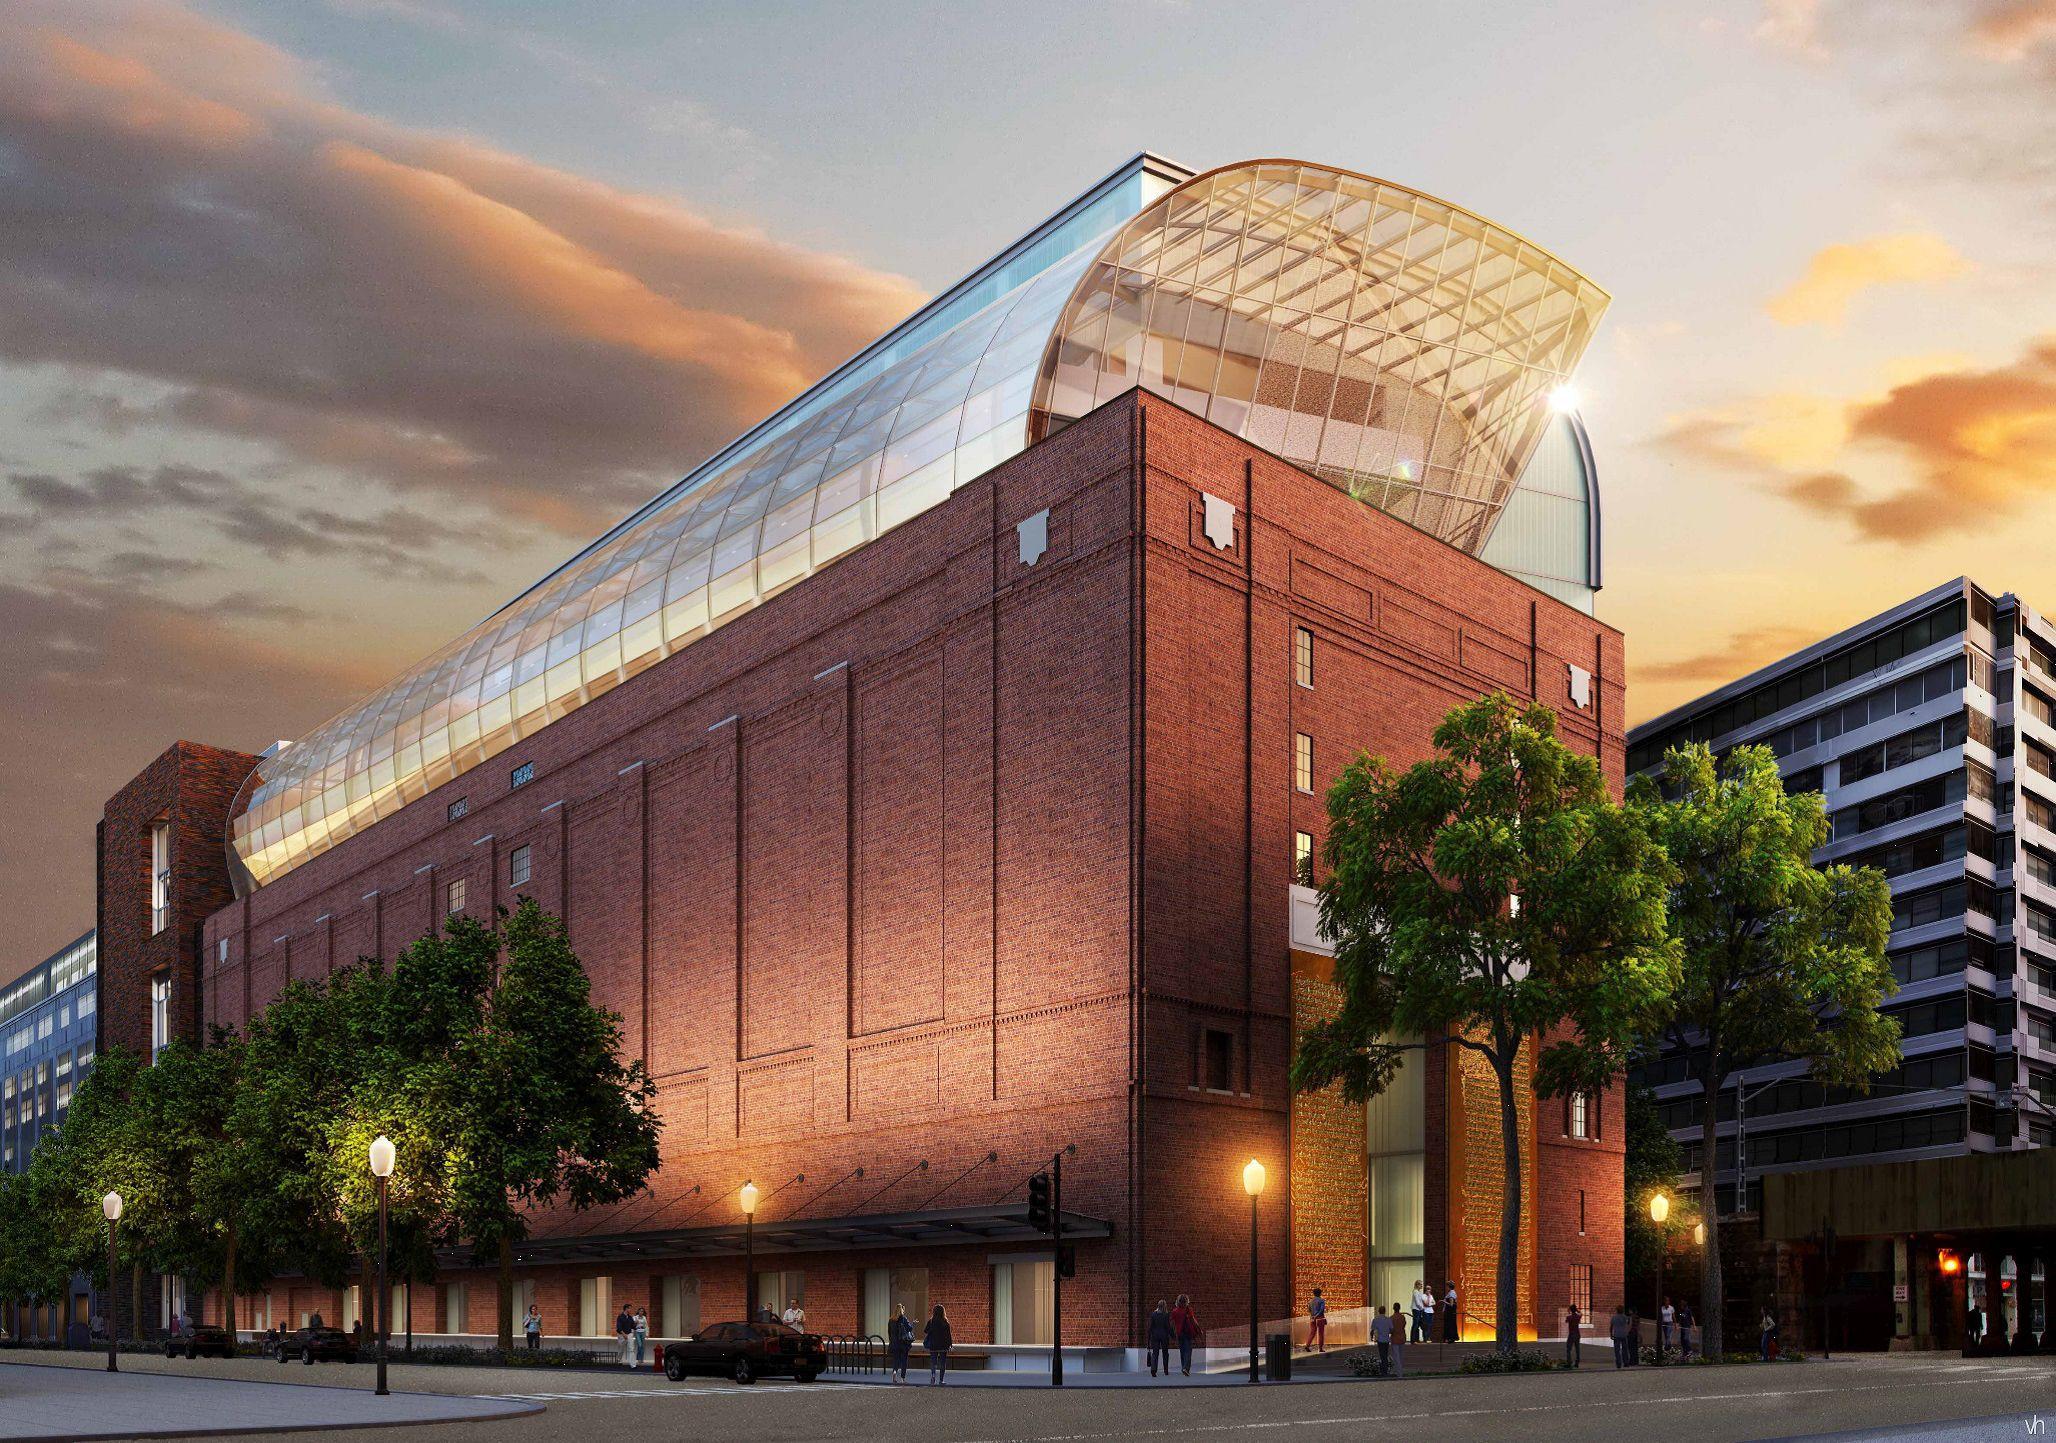 Dibukanya Museum Alkitab Washington yang merupakan Ide Bagus